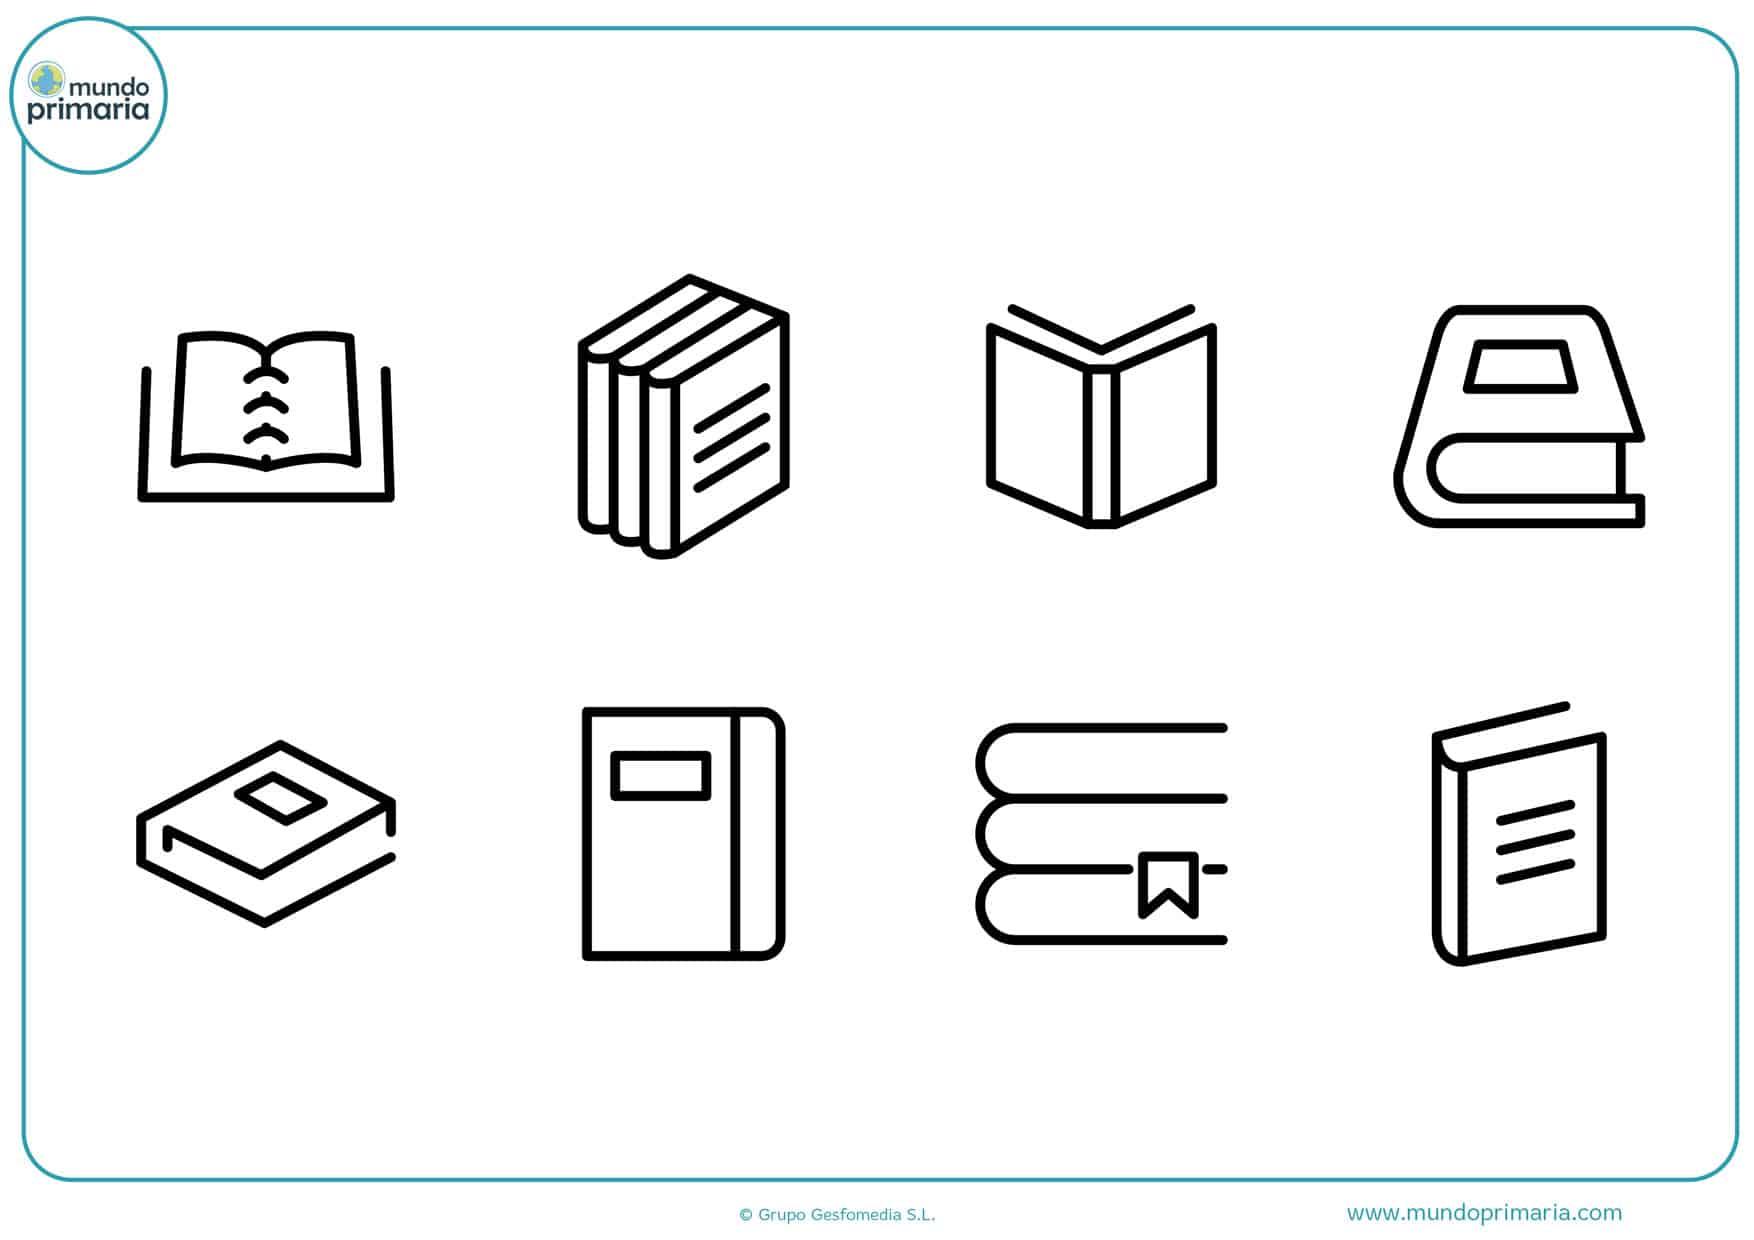 dibujos para colorear de portadas de libros